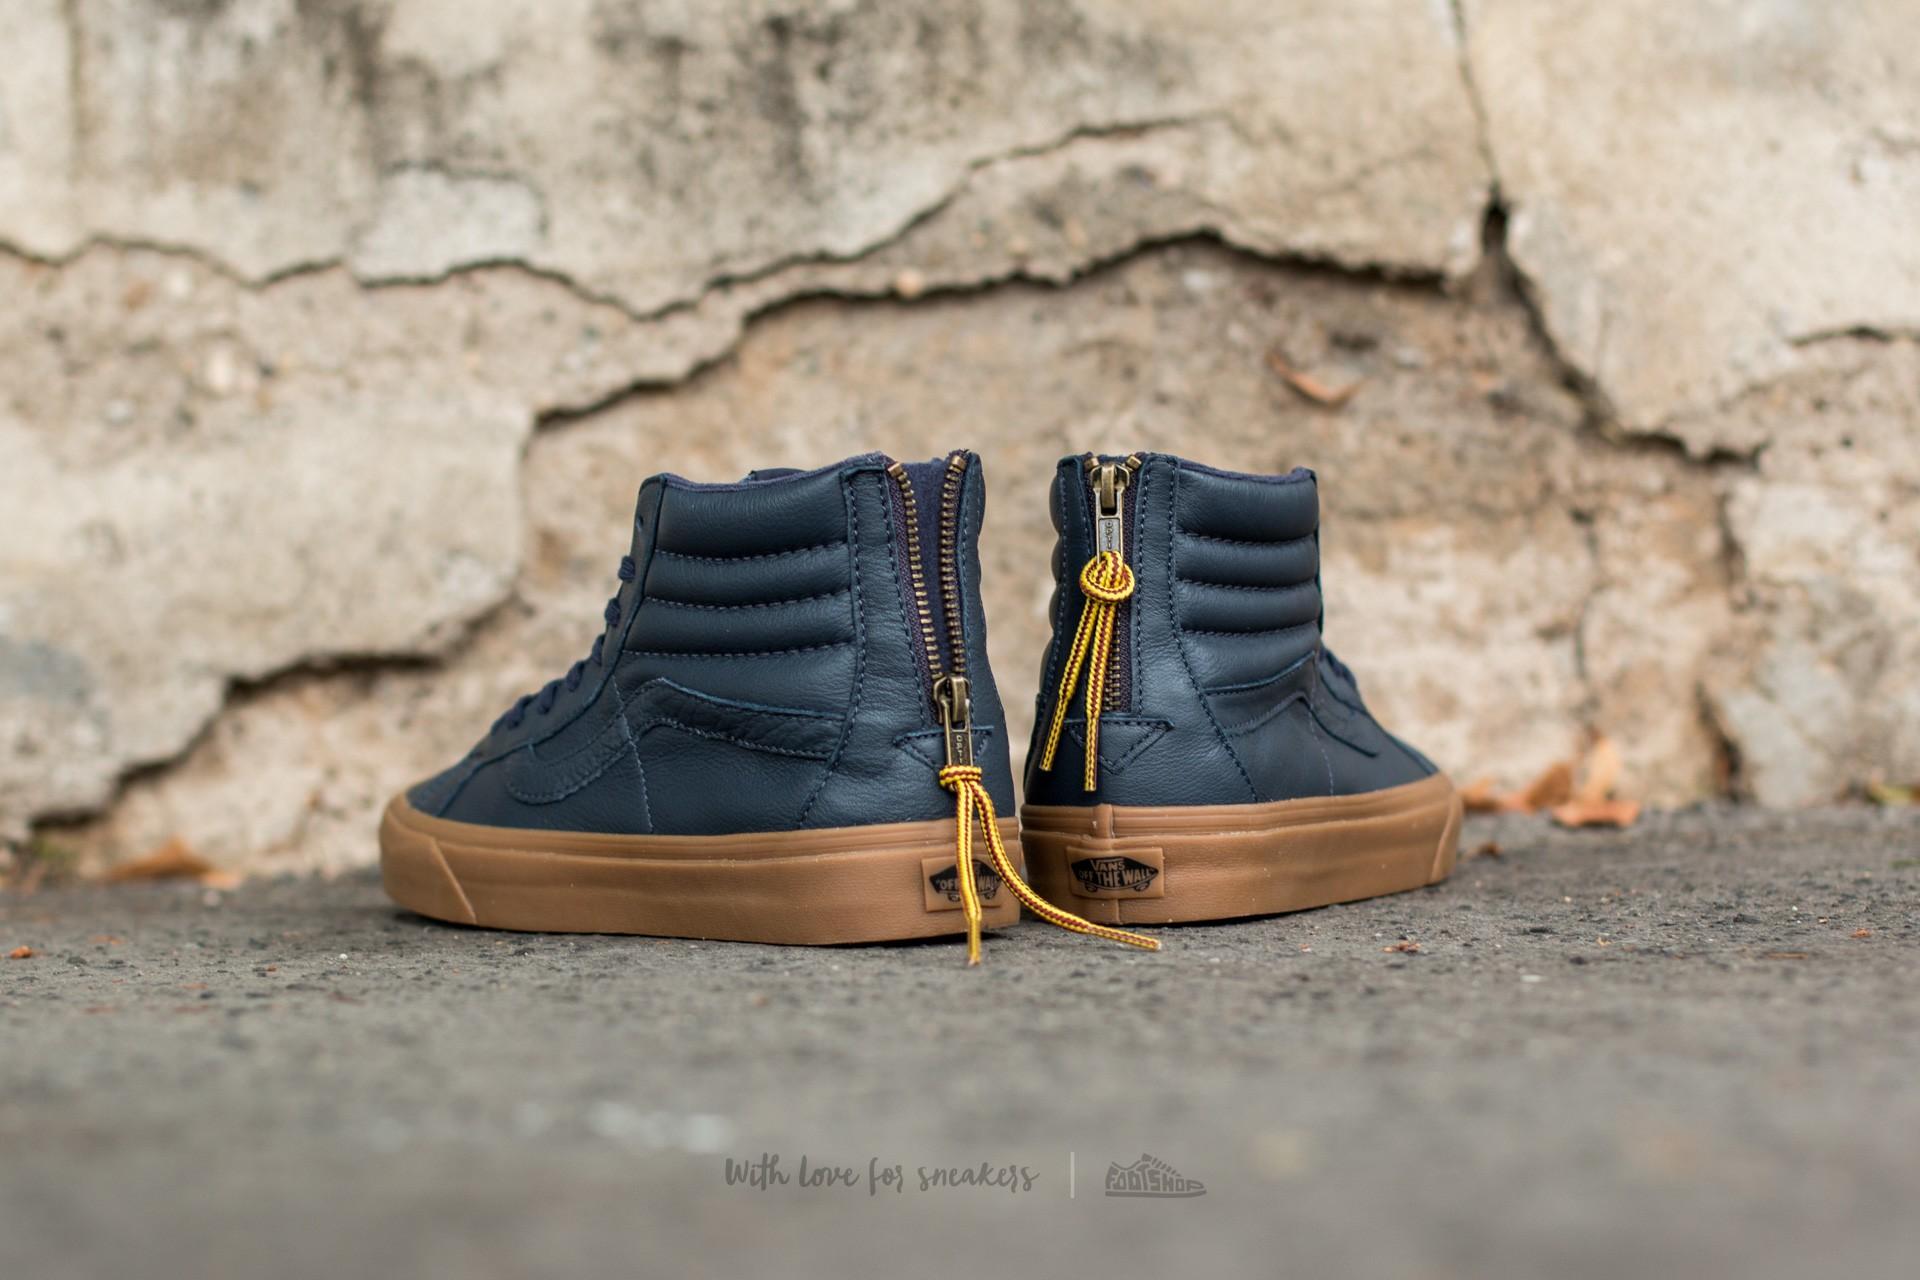 Vans Sk8 Hi Reissue Zip (Hiking) Navy Gum | Footshop